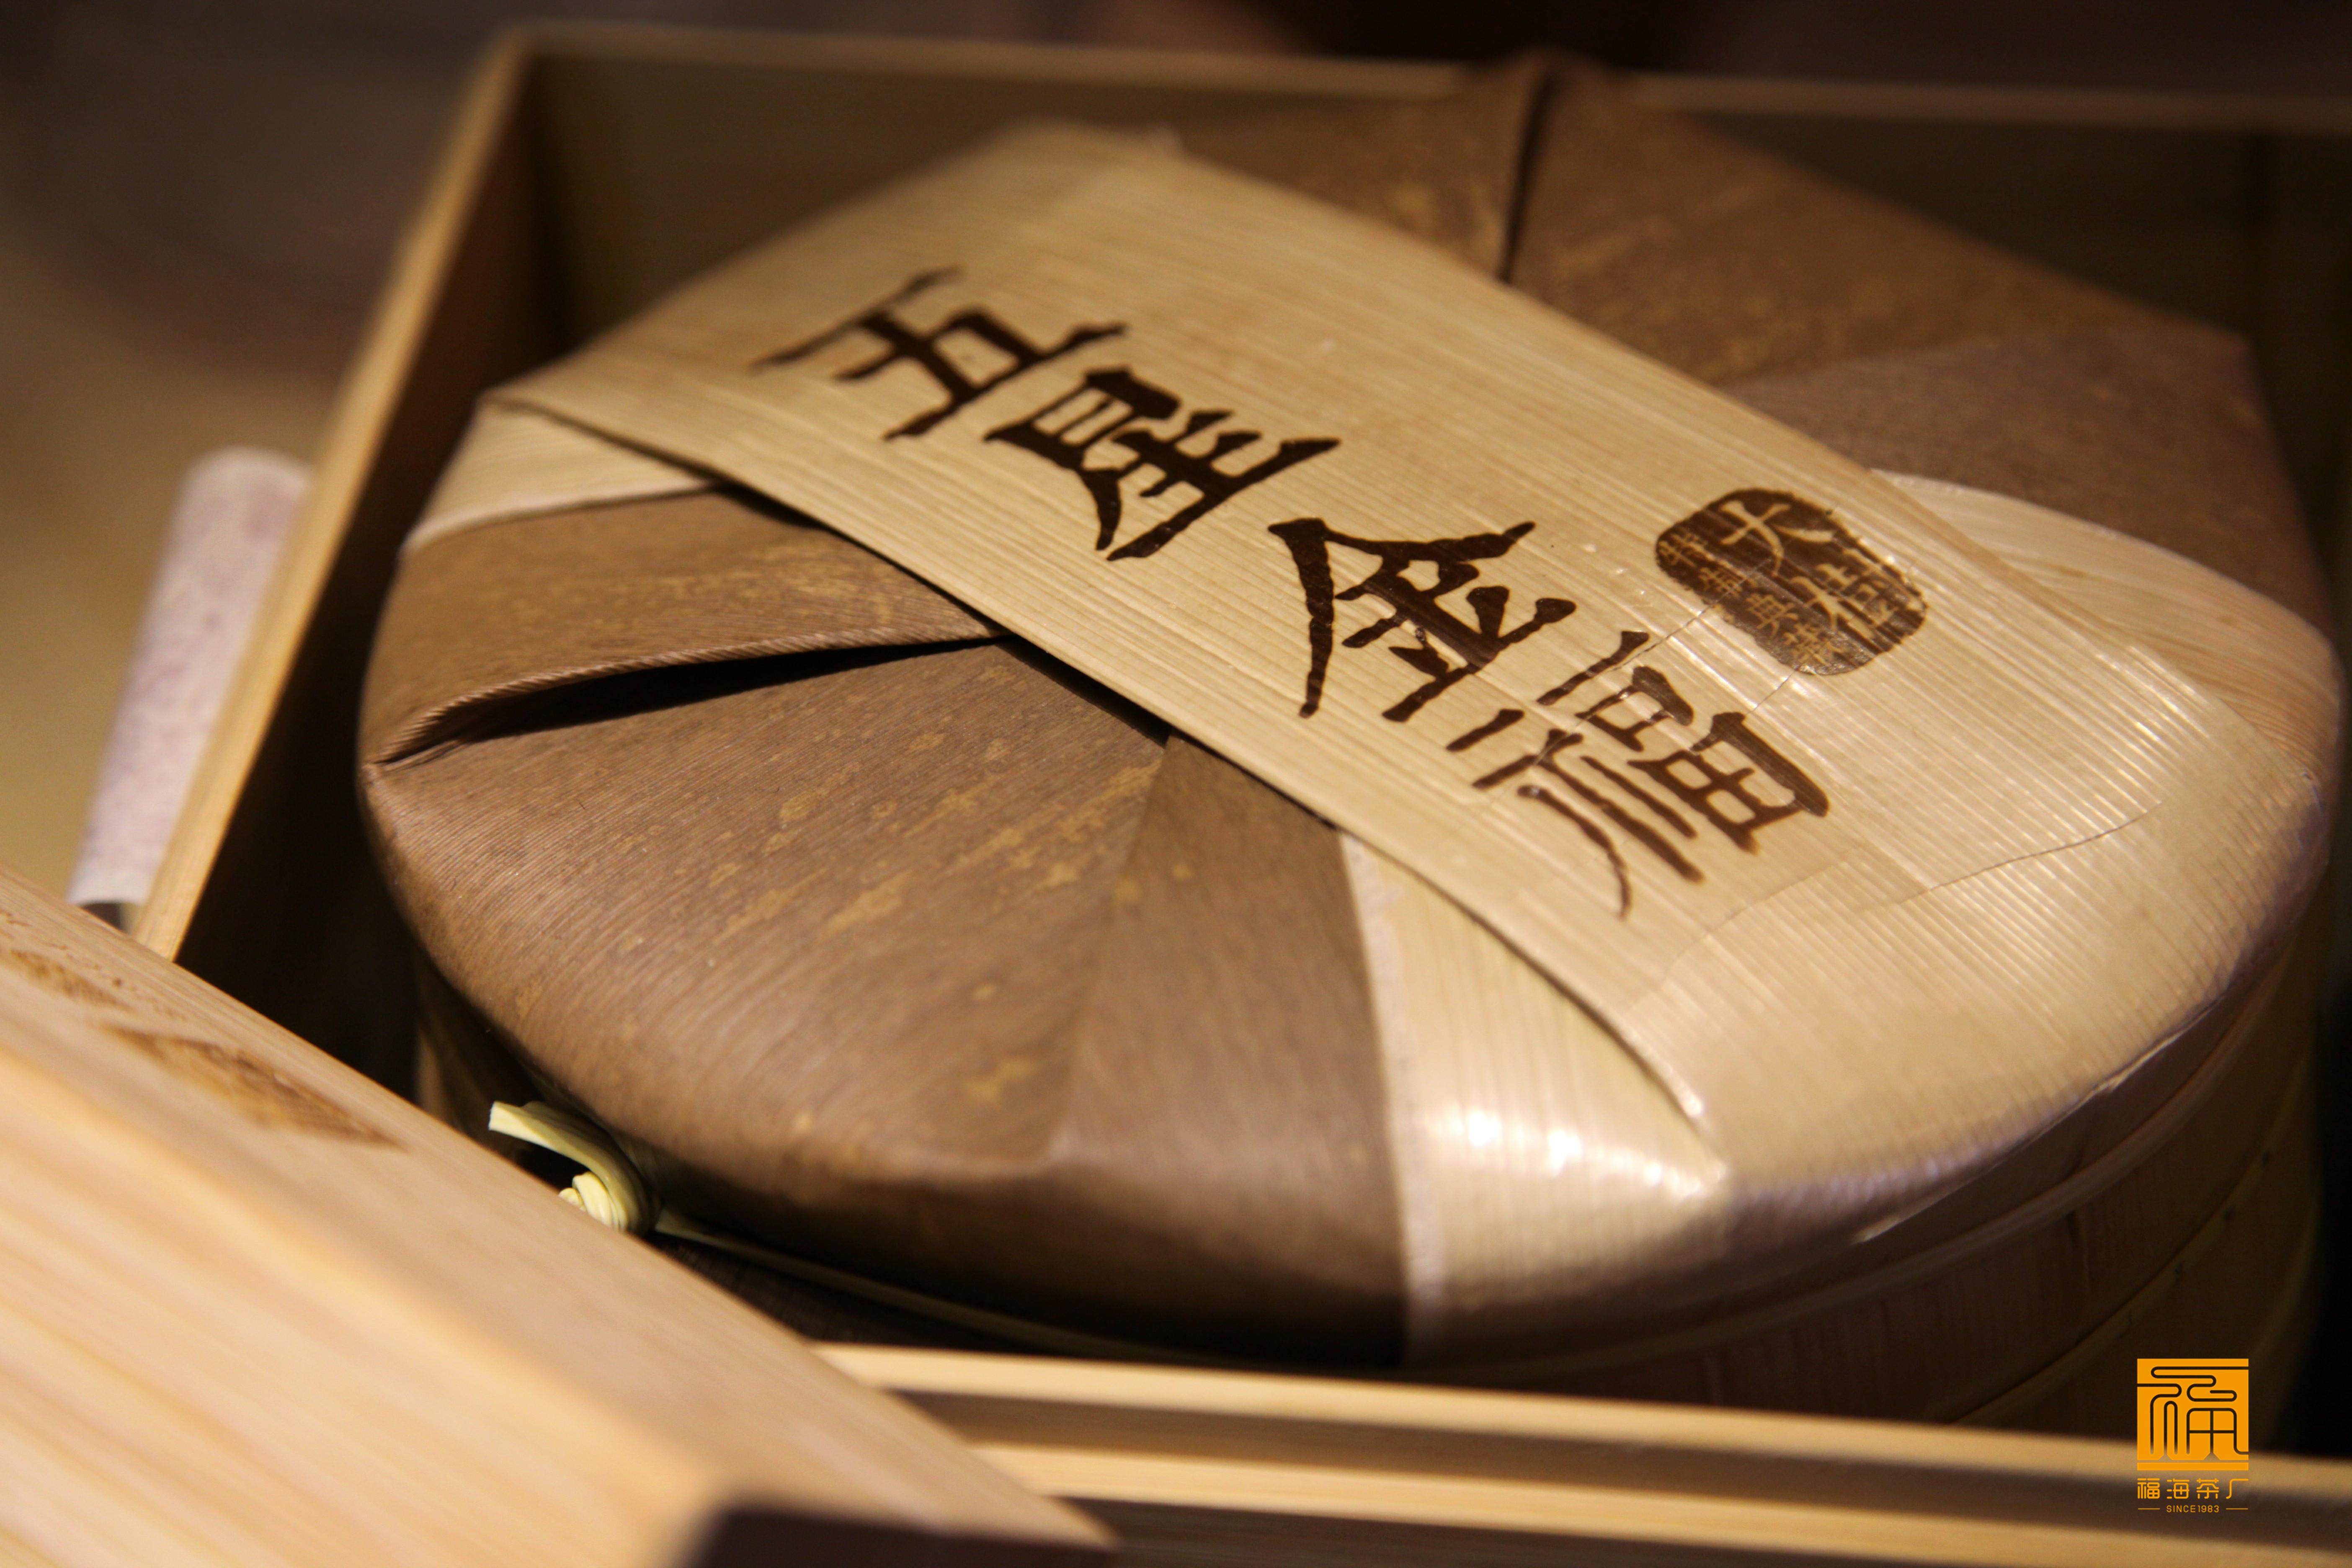 福海勐海县福海茶厂_新闻资讯 - 勐海县福海茶厂官方网站